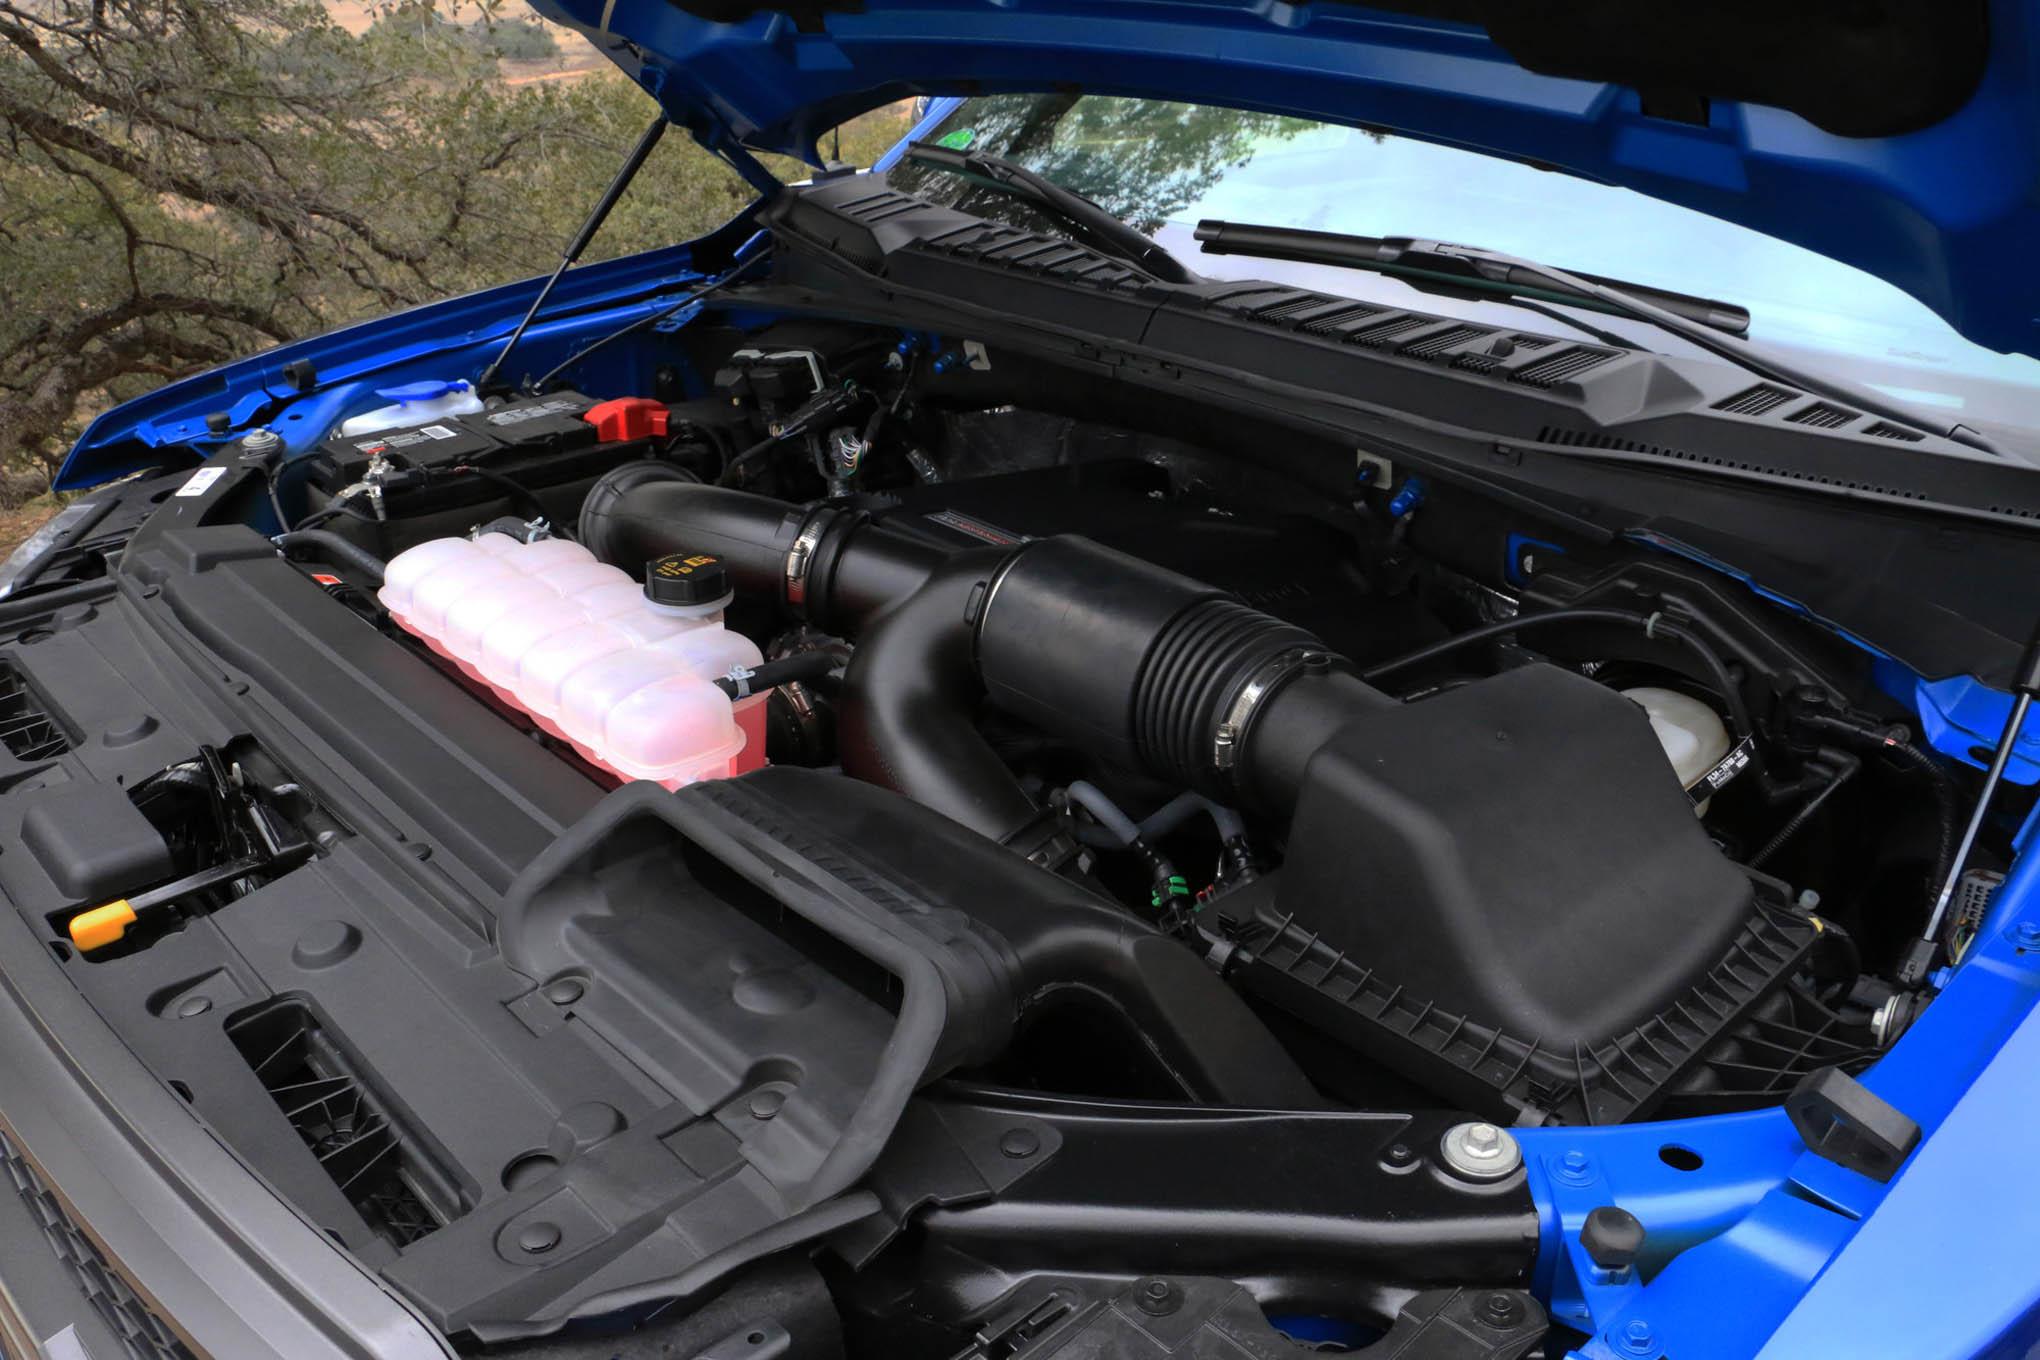 010 Raptor Engine